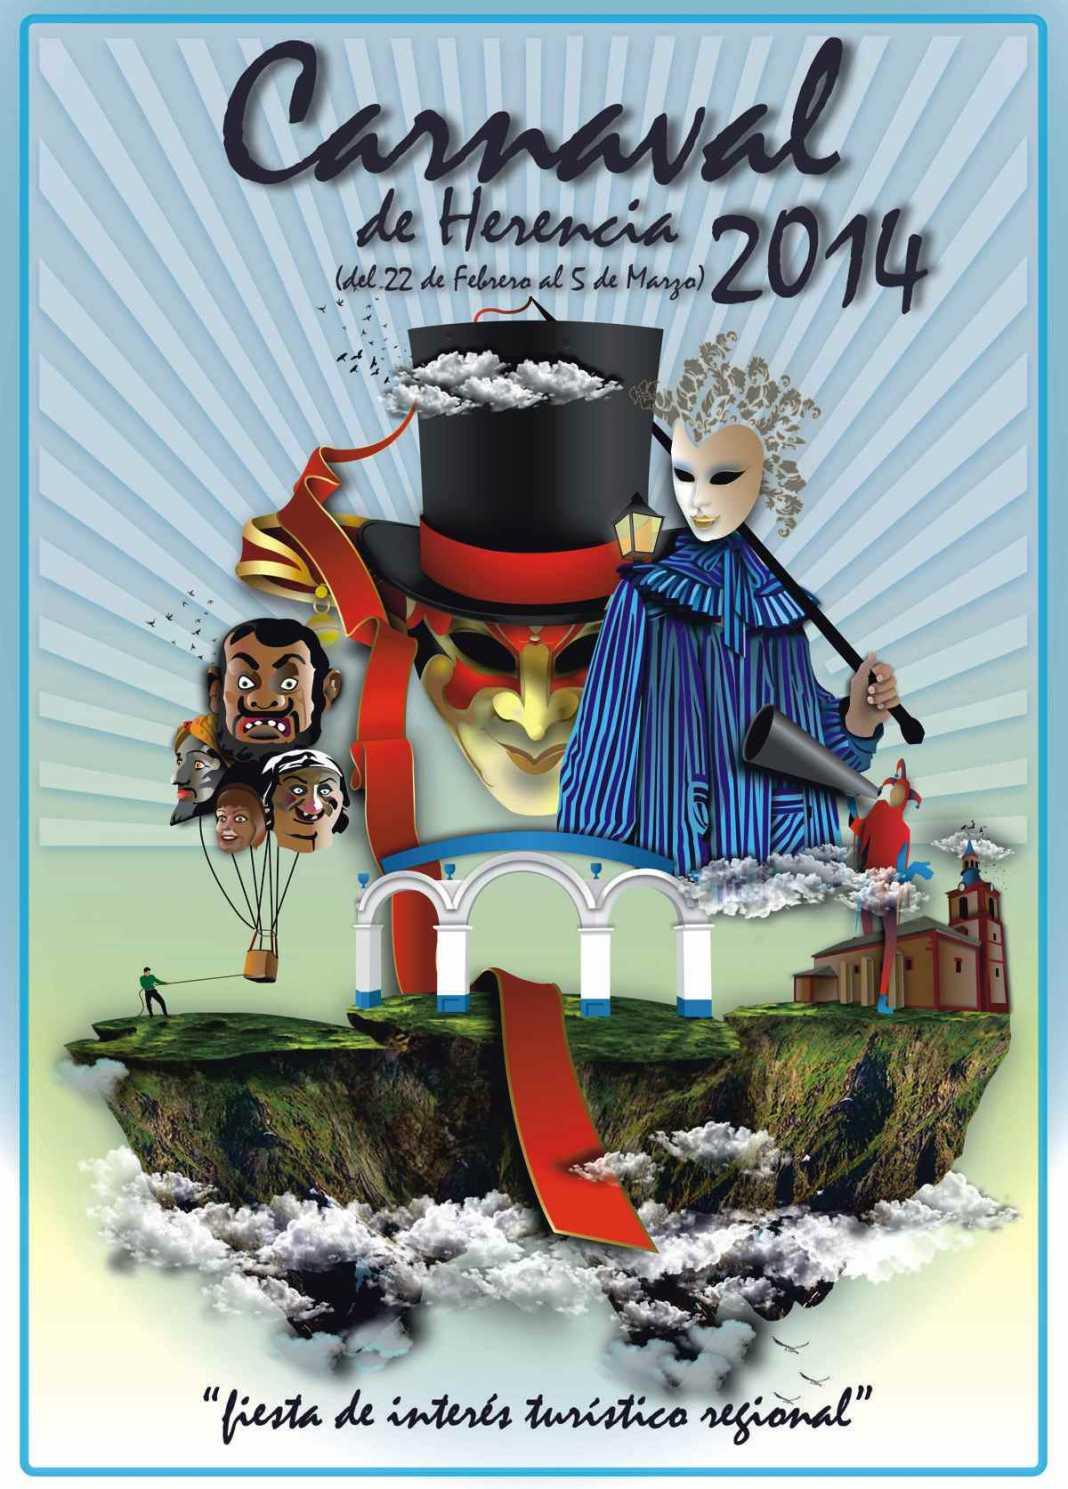 Cartel anunciador Carnaval de Herencia 2014 1068x1489 - Jesús Gómez-Lobo es el autor del cartel para el Carnaval 2014